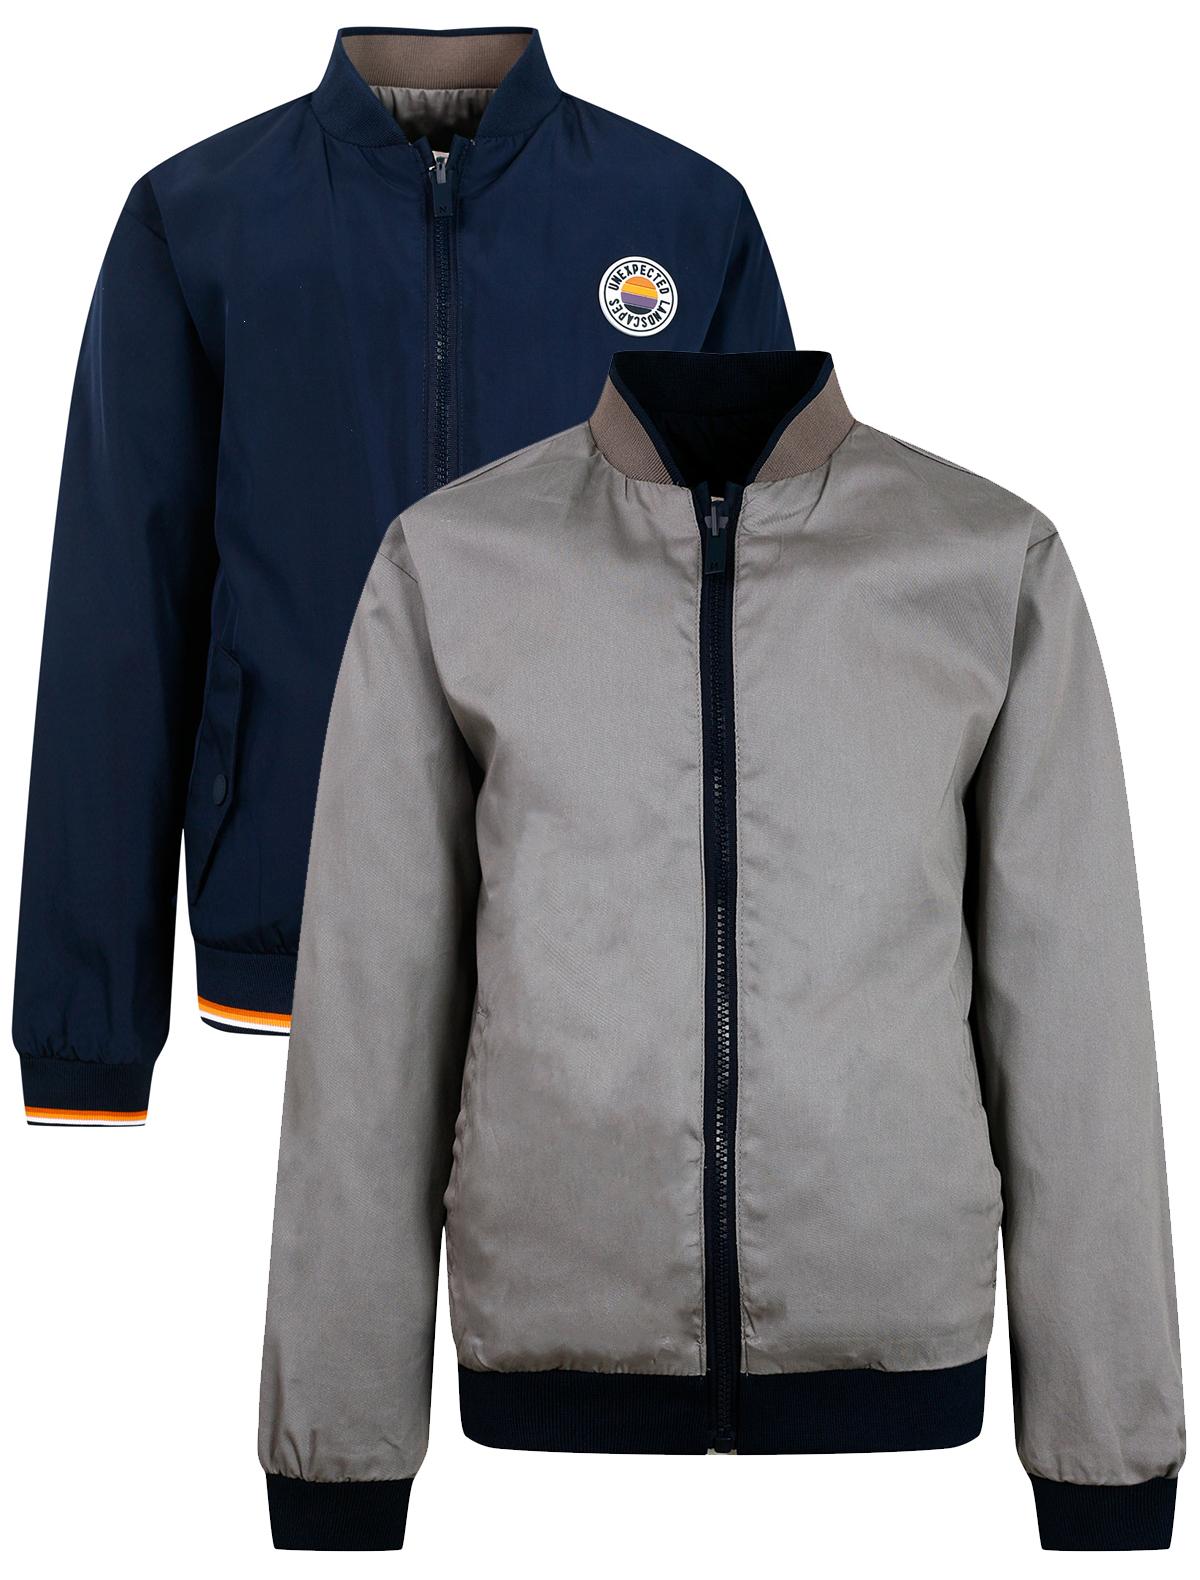 Купить 2298477, Куртка NUKUTAVAKE, синий, Мужской, 1074519171512